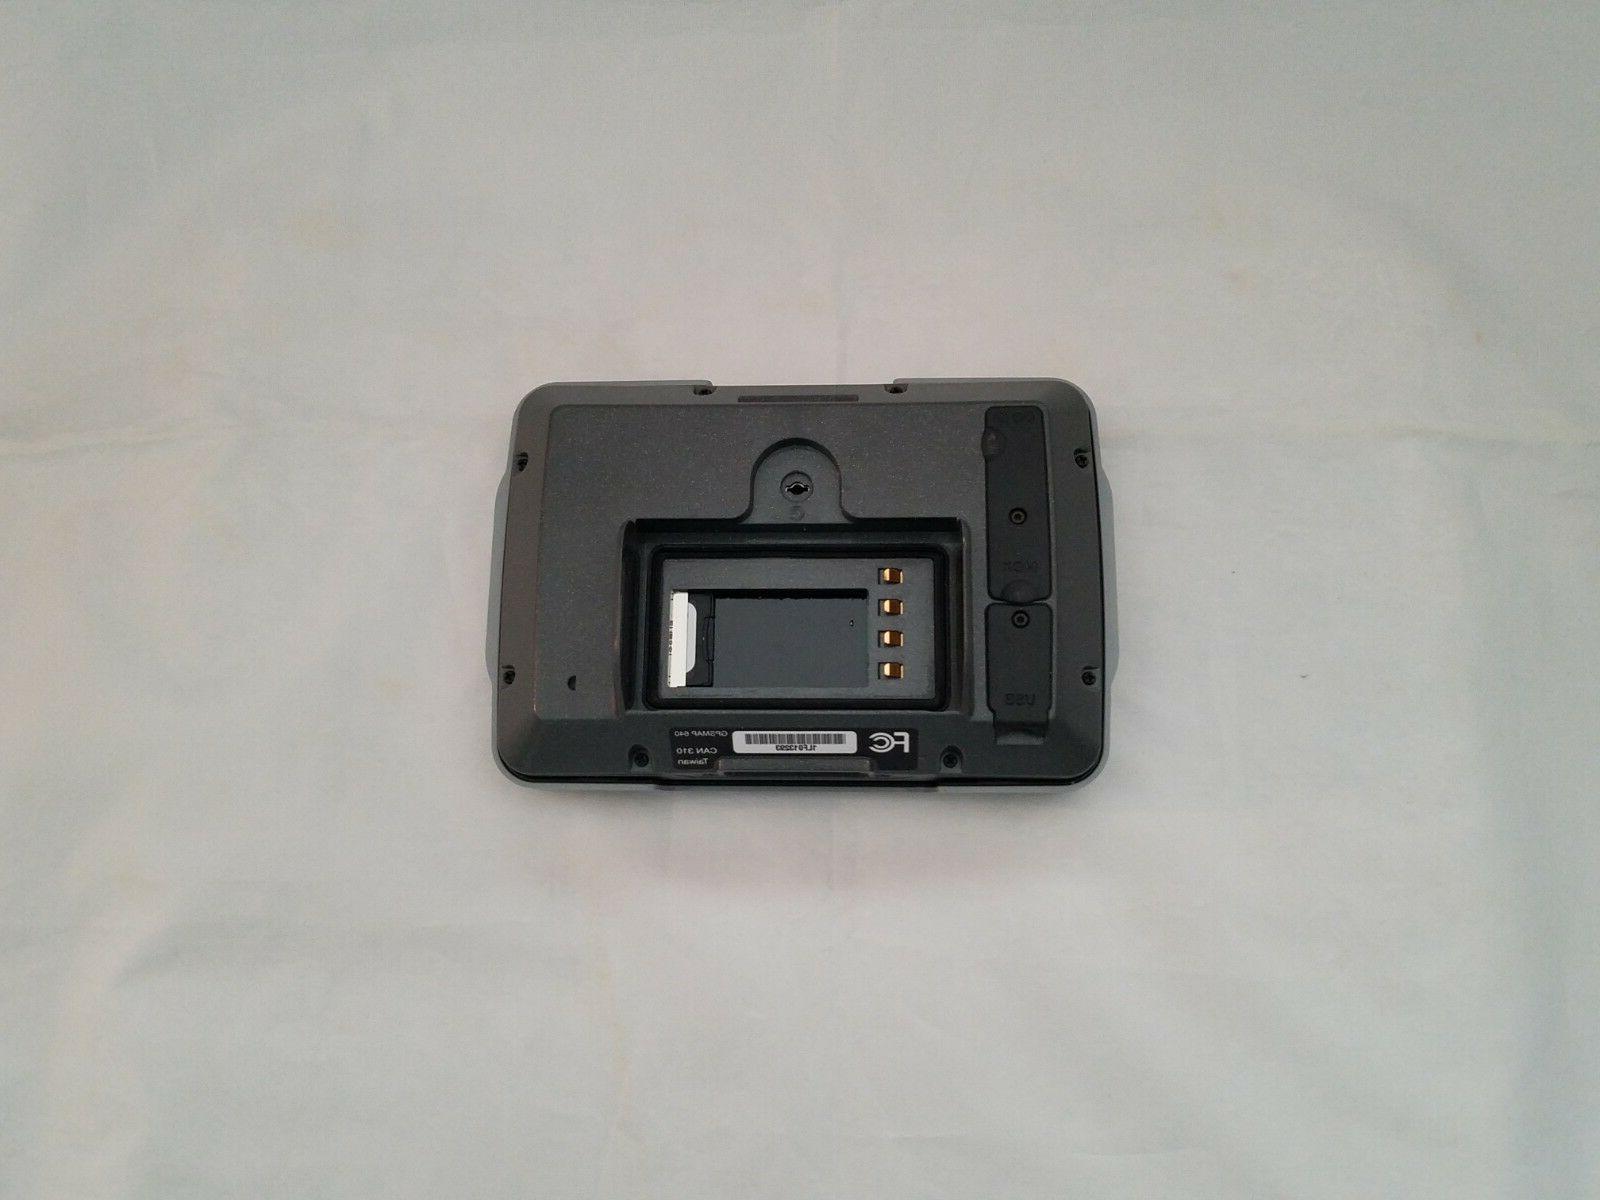 Garmin and Touchscreen